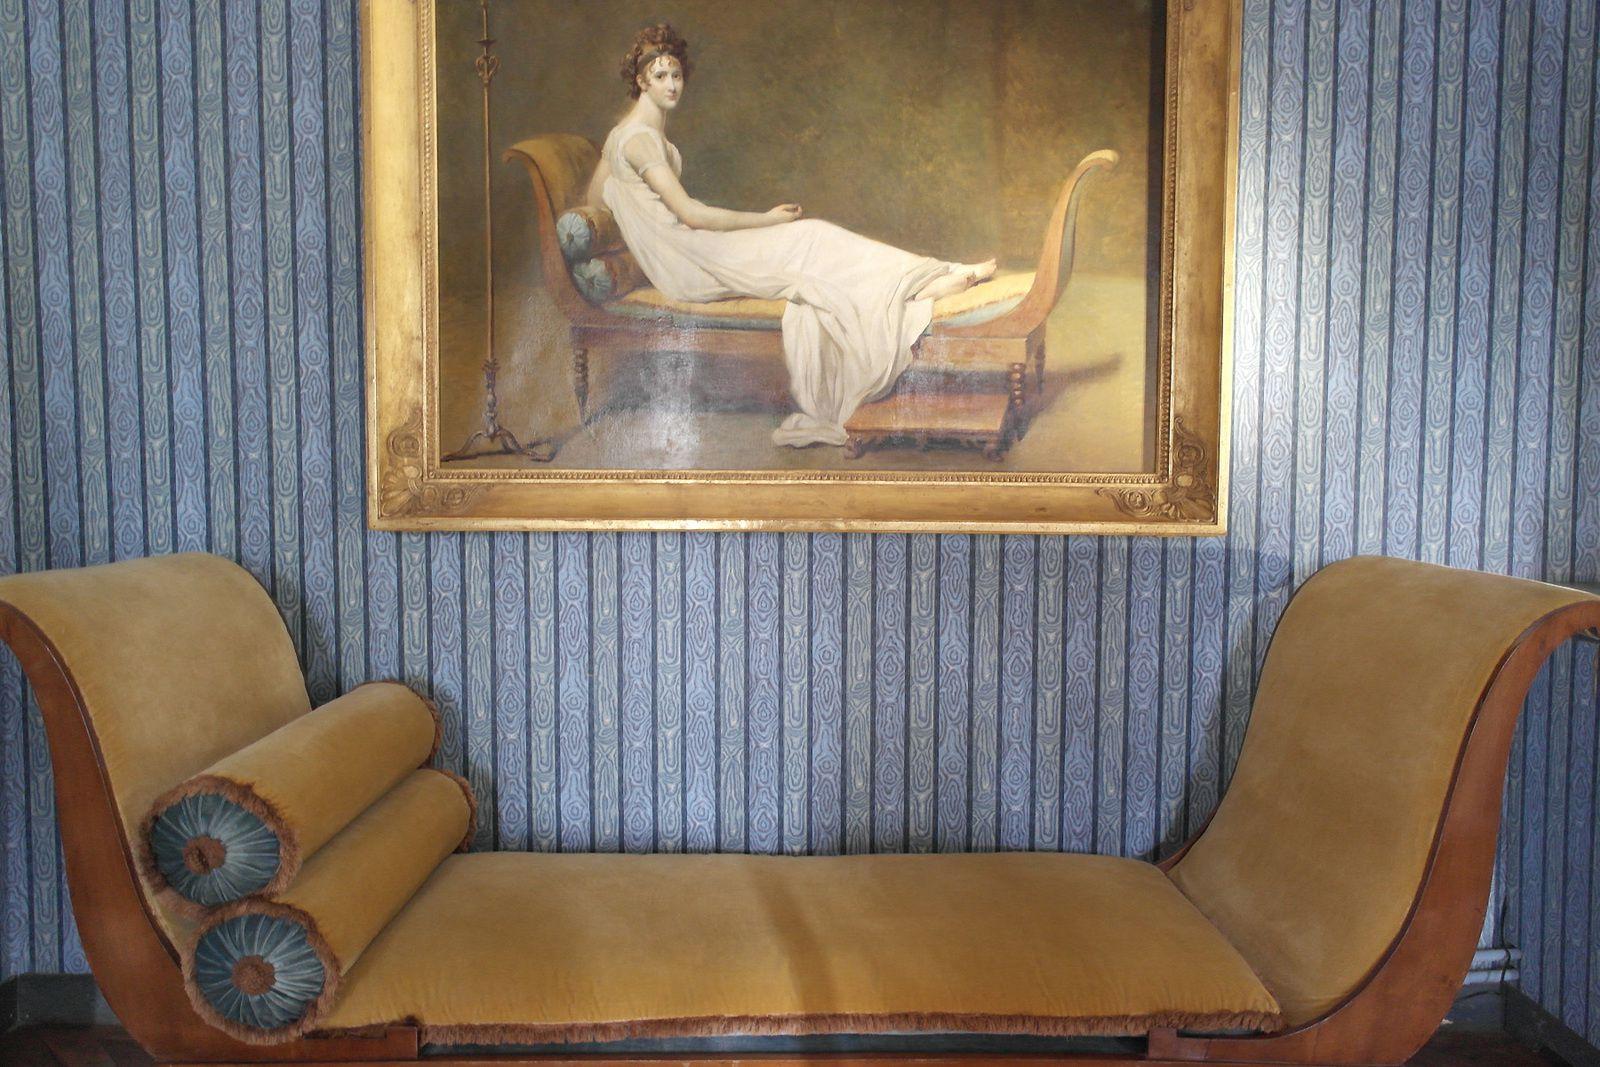 Portrait de Juliette Récamier, amie, amante de Chateaubriand. En dessous, la célèbre méridienne où elle se reposait pour être peinte.